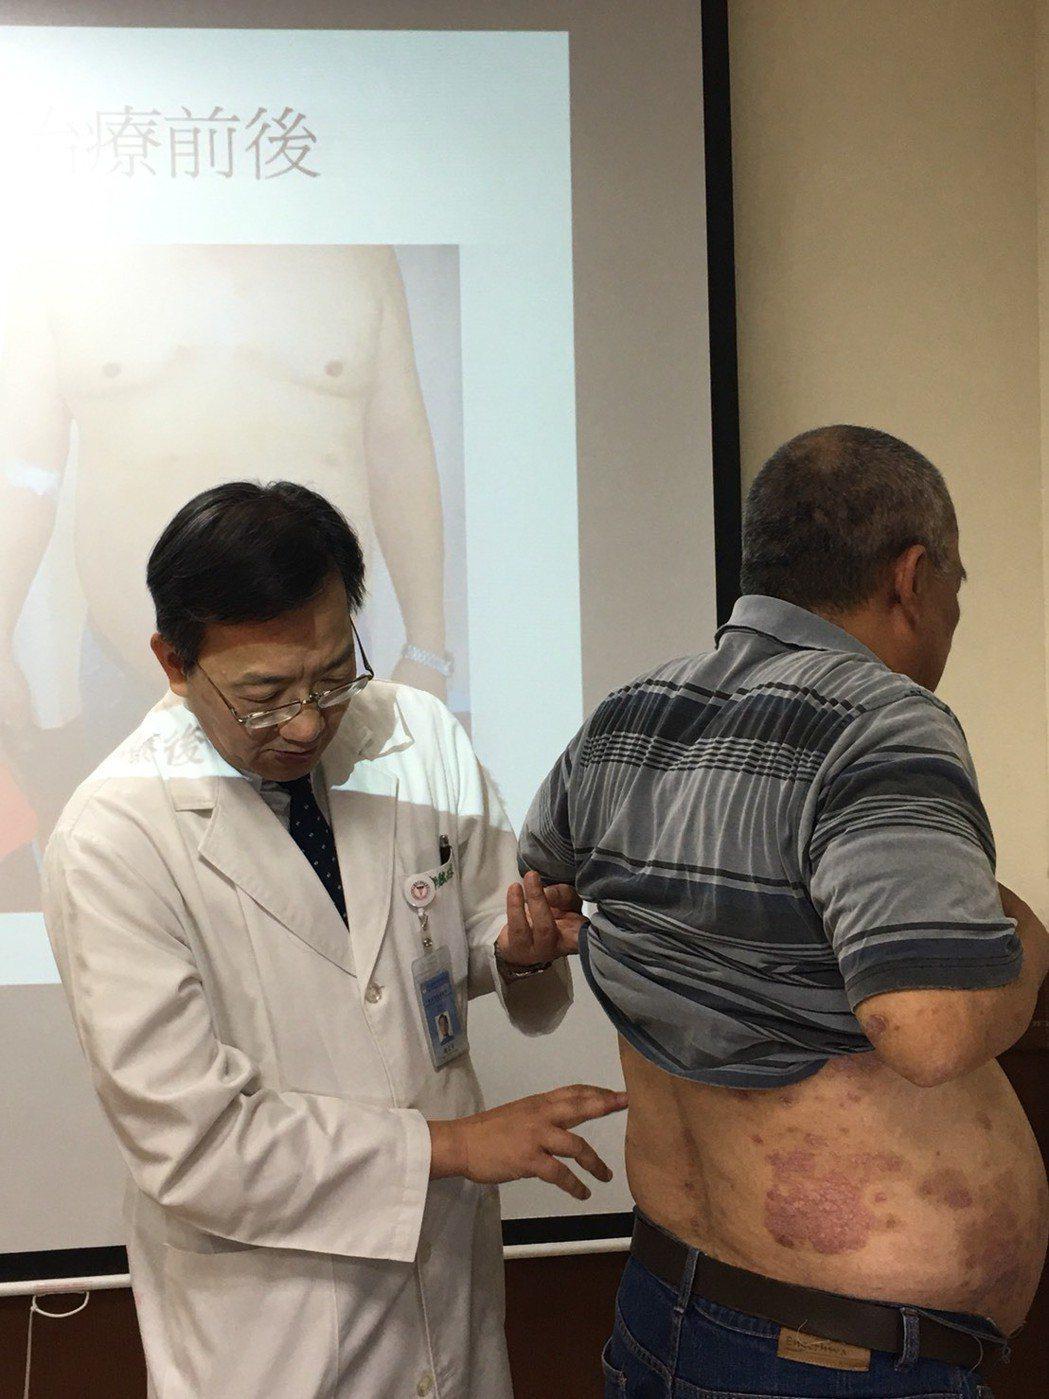 中山醫學大學附設醫院過敏風濕免疫科主任魏正宗(左)說,自體免疫疾病已進入免疫治療...